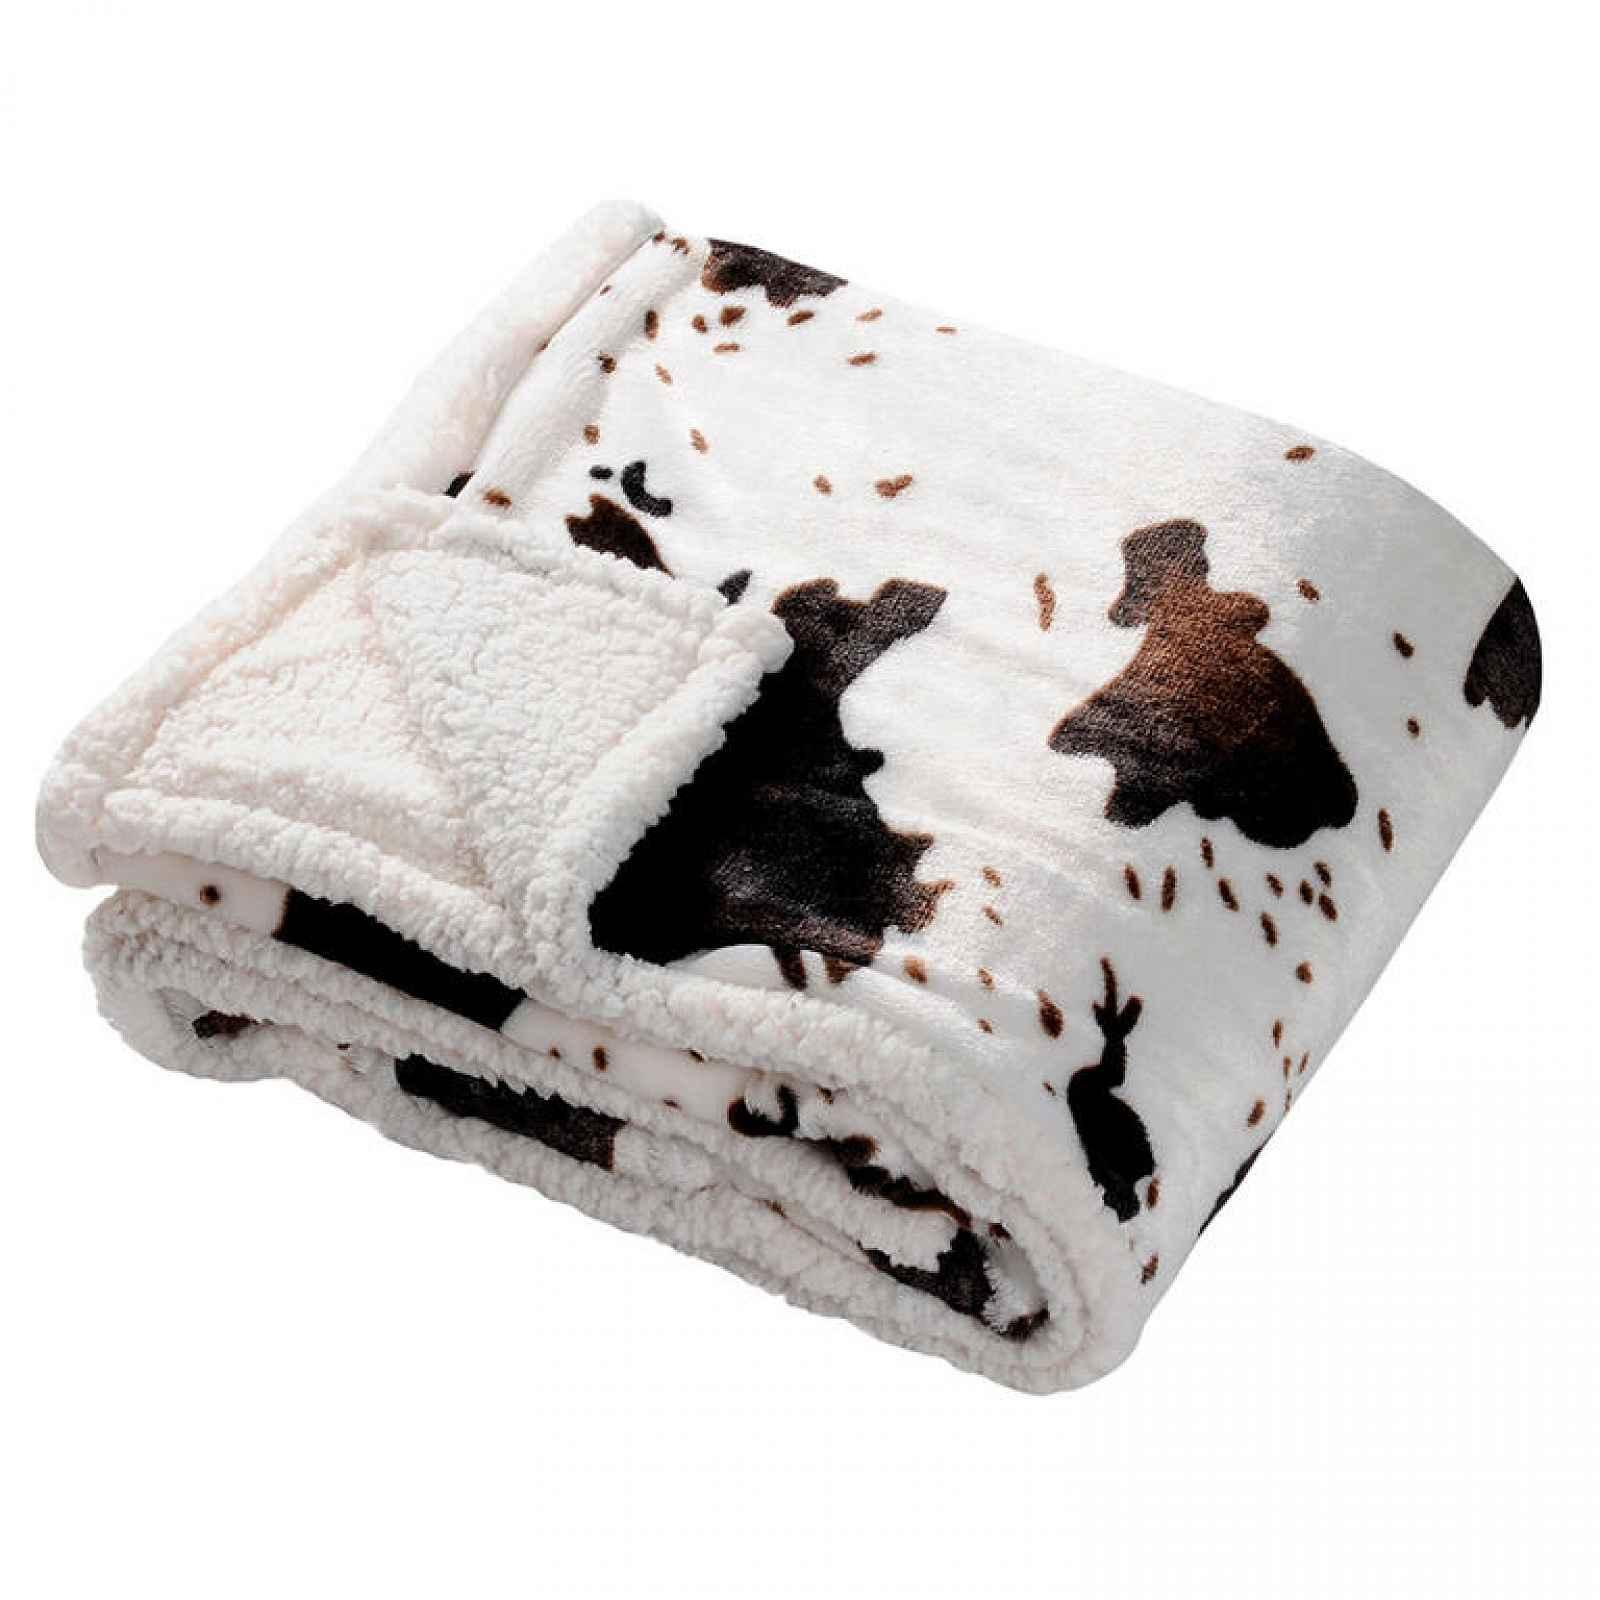 Beránková deka v dekoru kravské kůže 130 x 150 cm